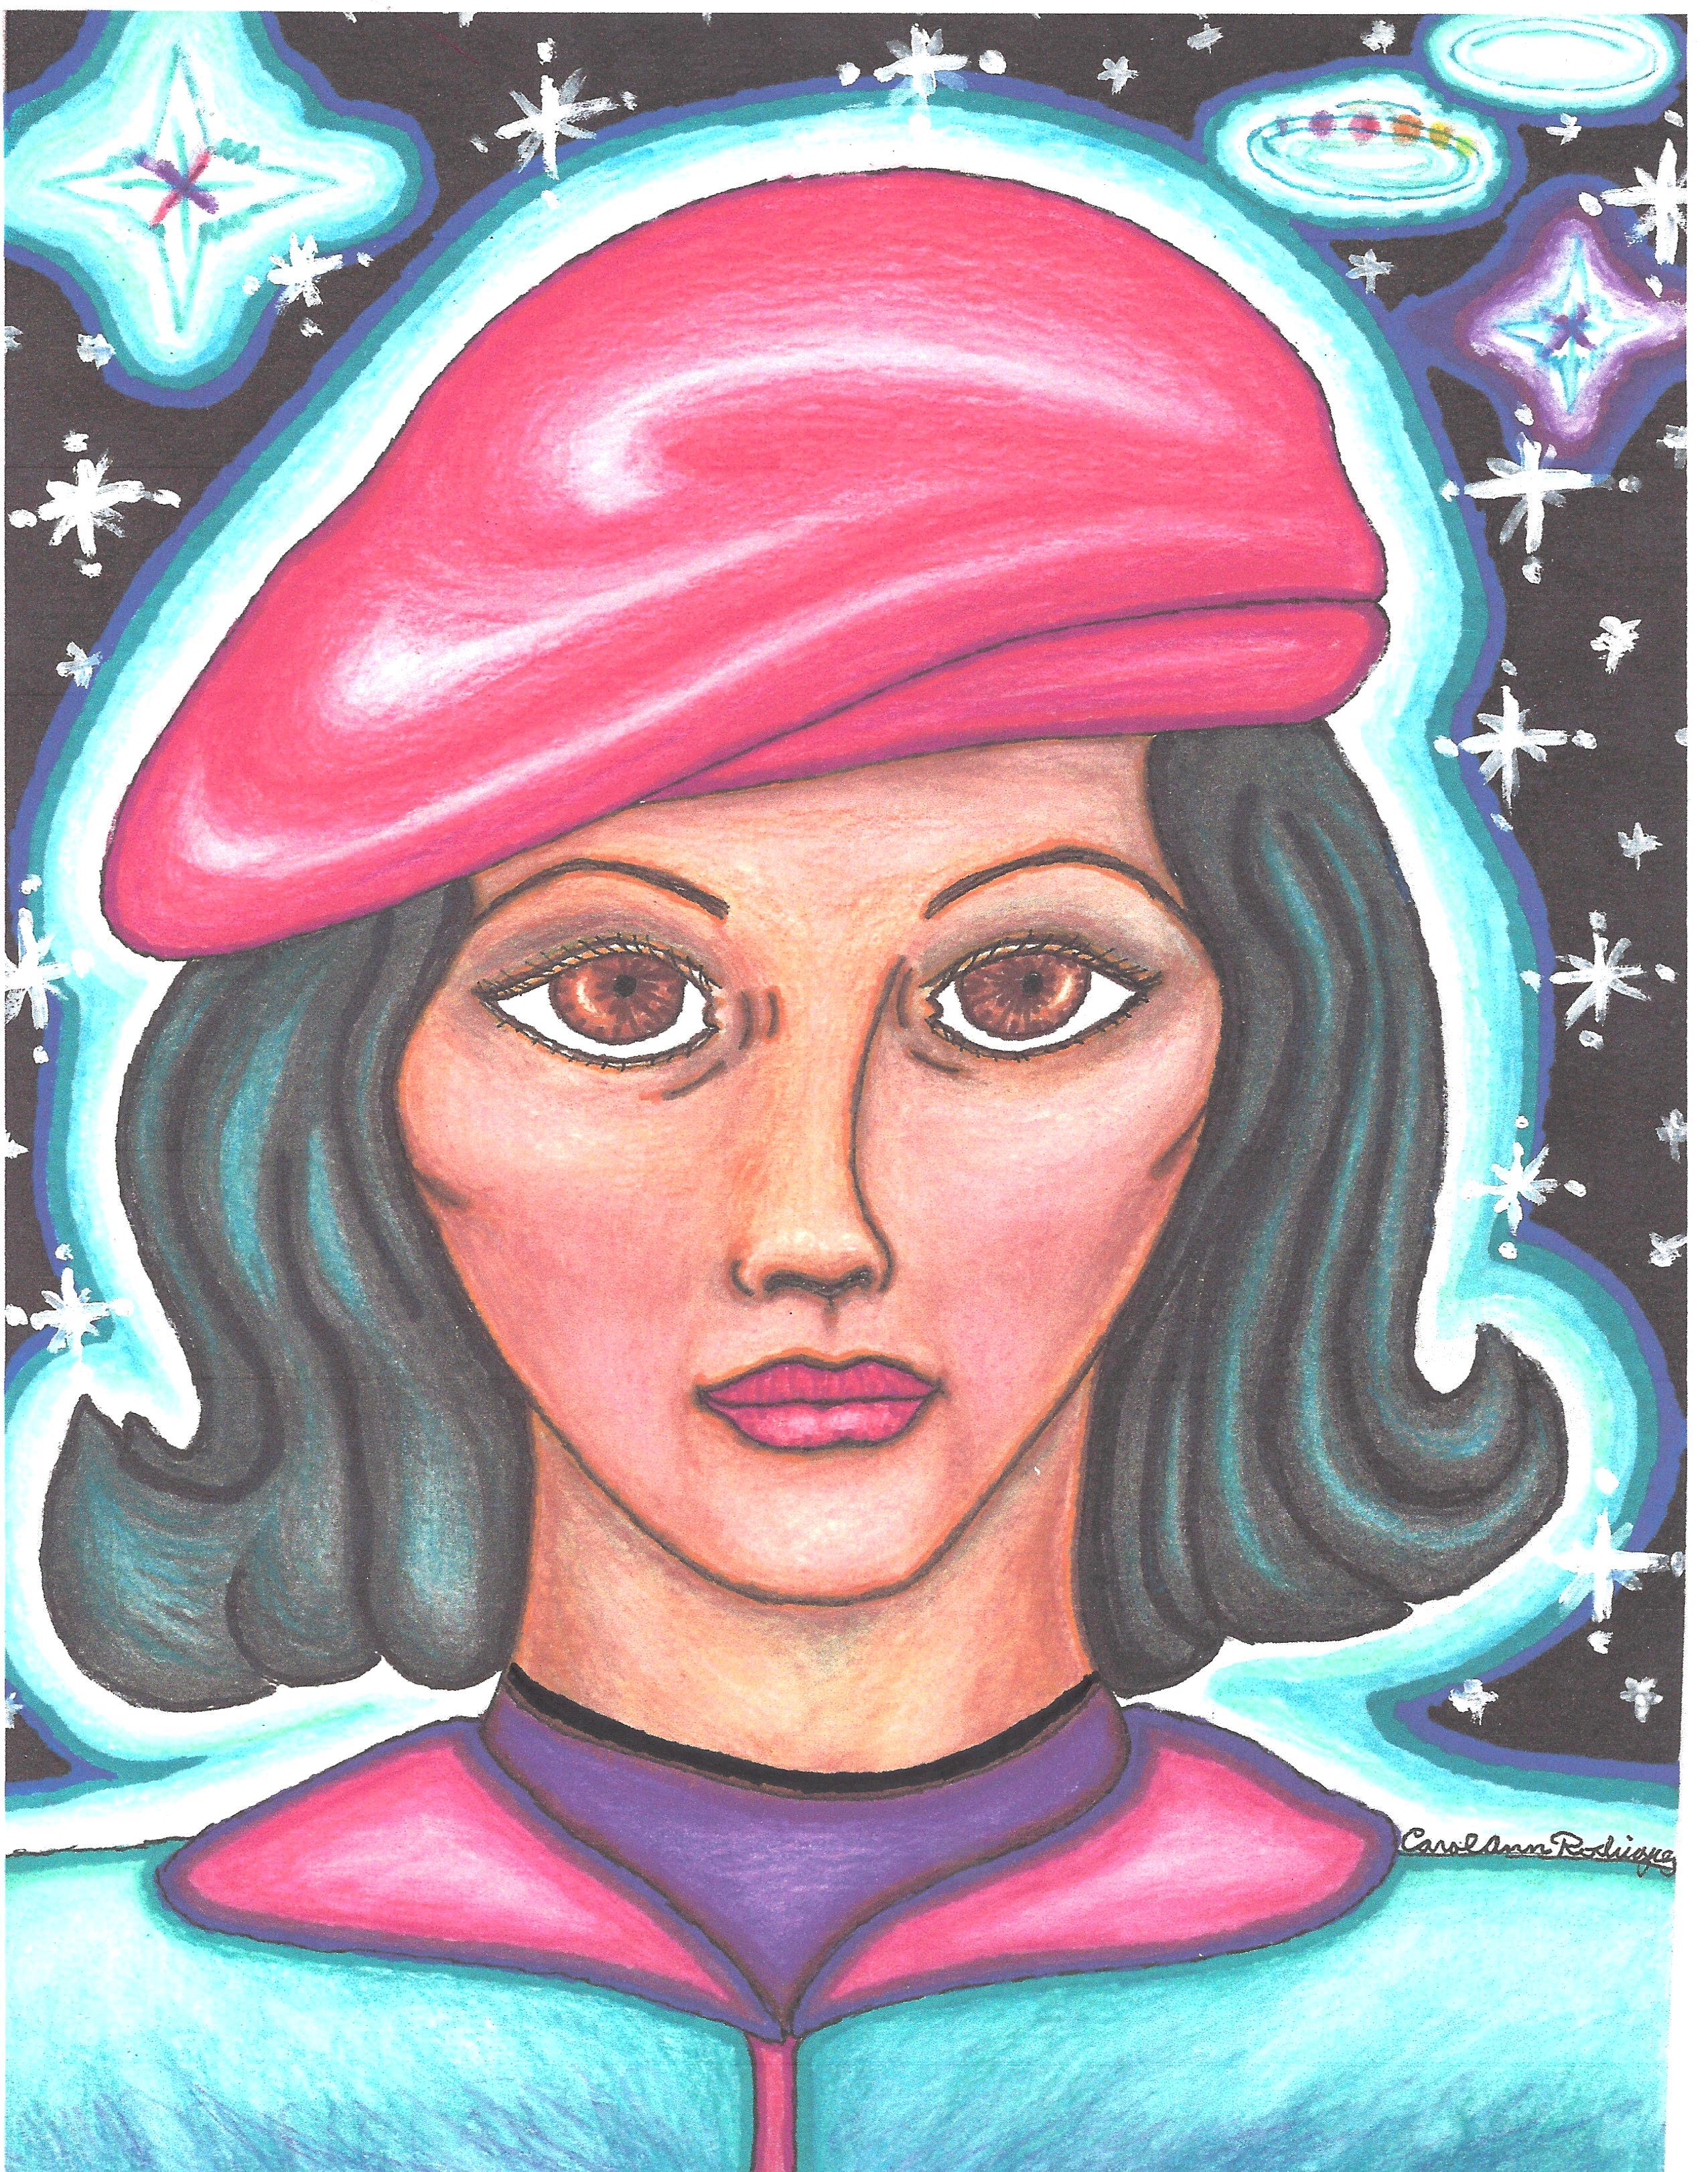 Aura Rhanes